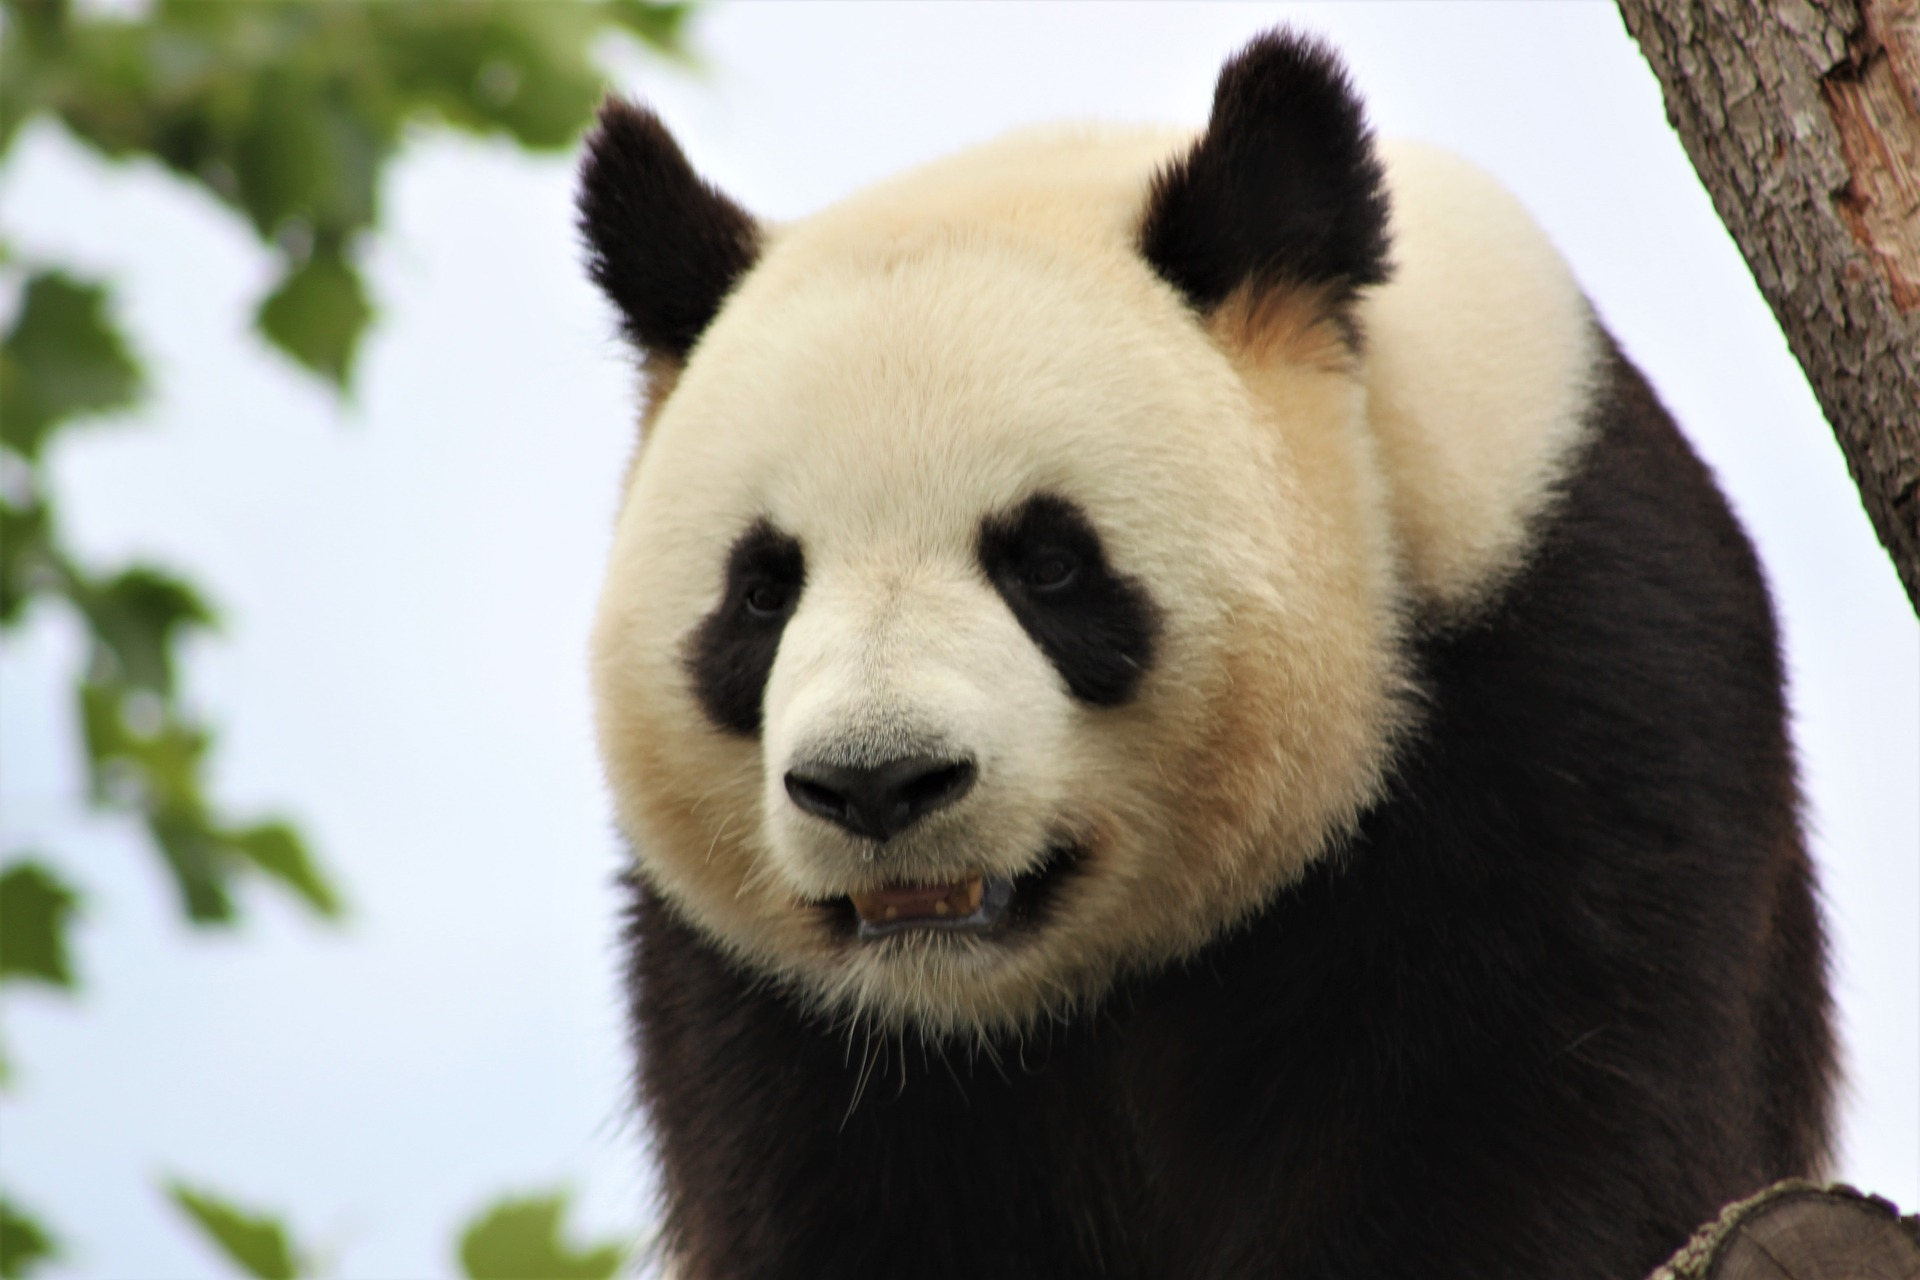 panda-4123049_1920